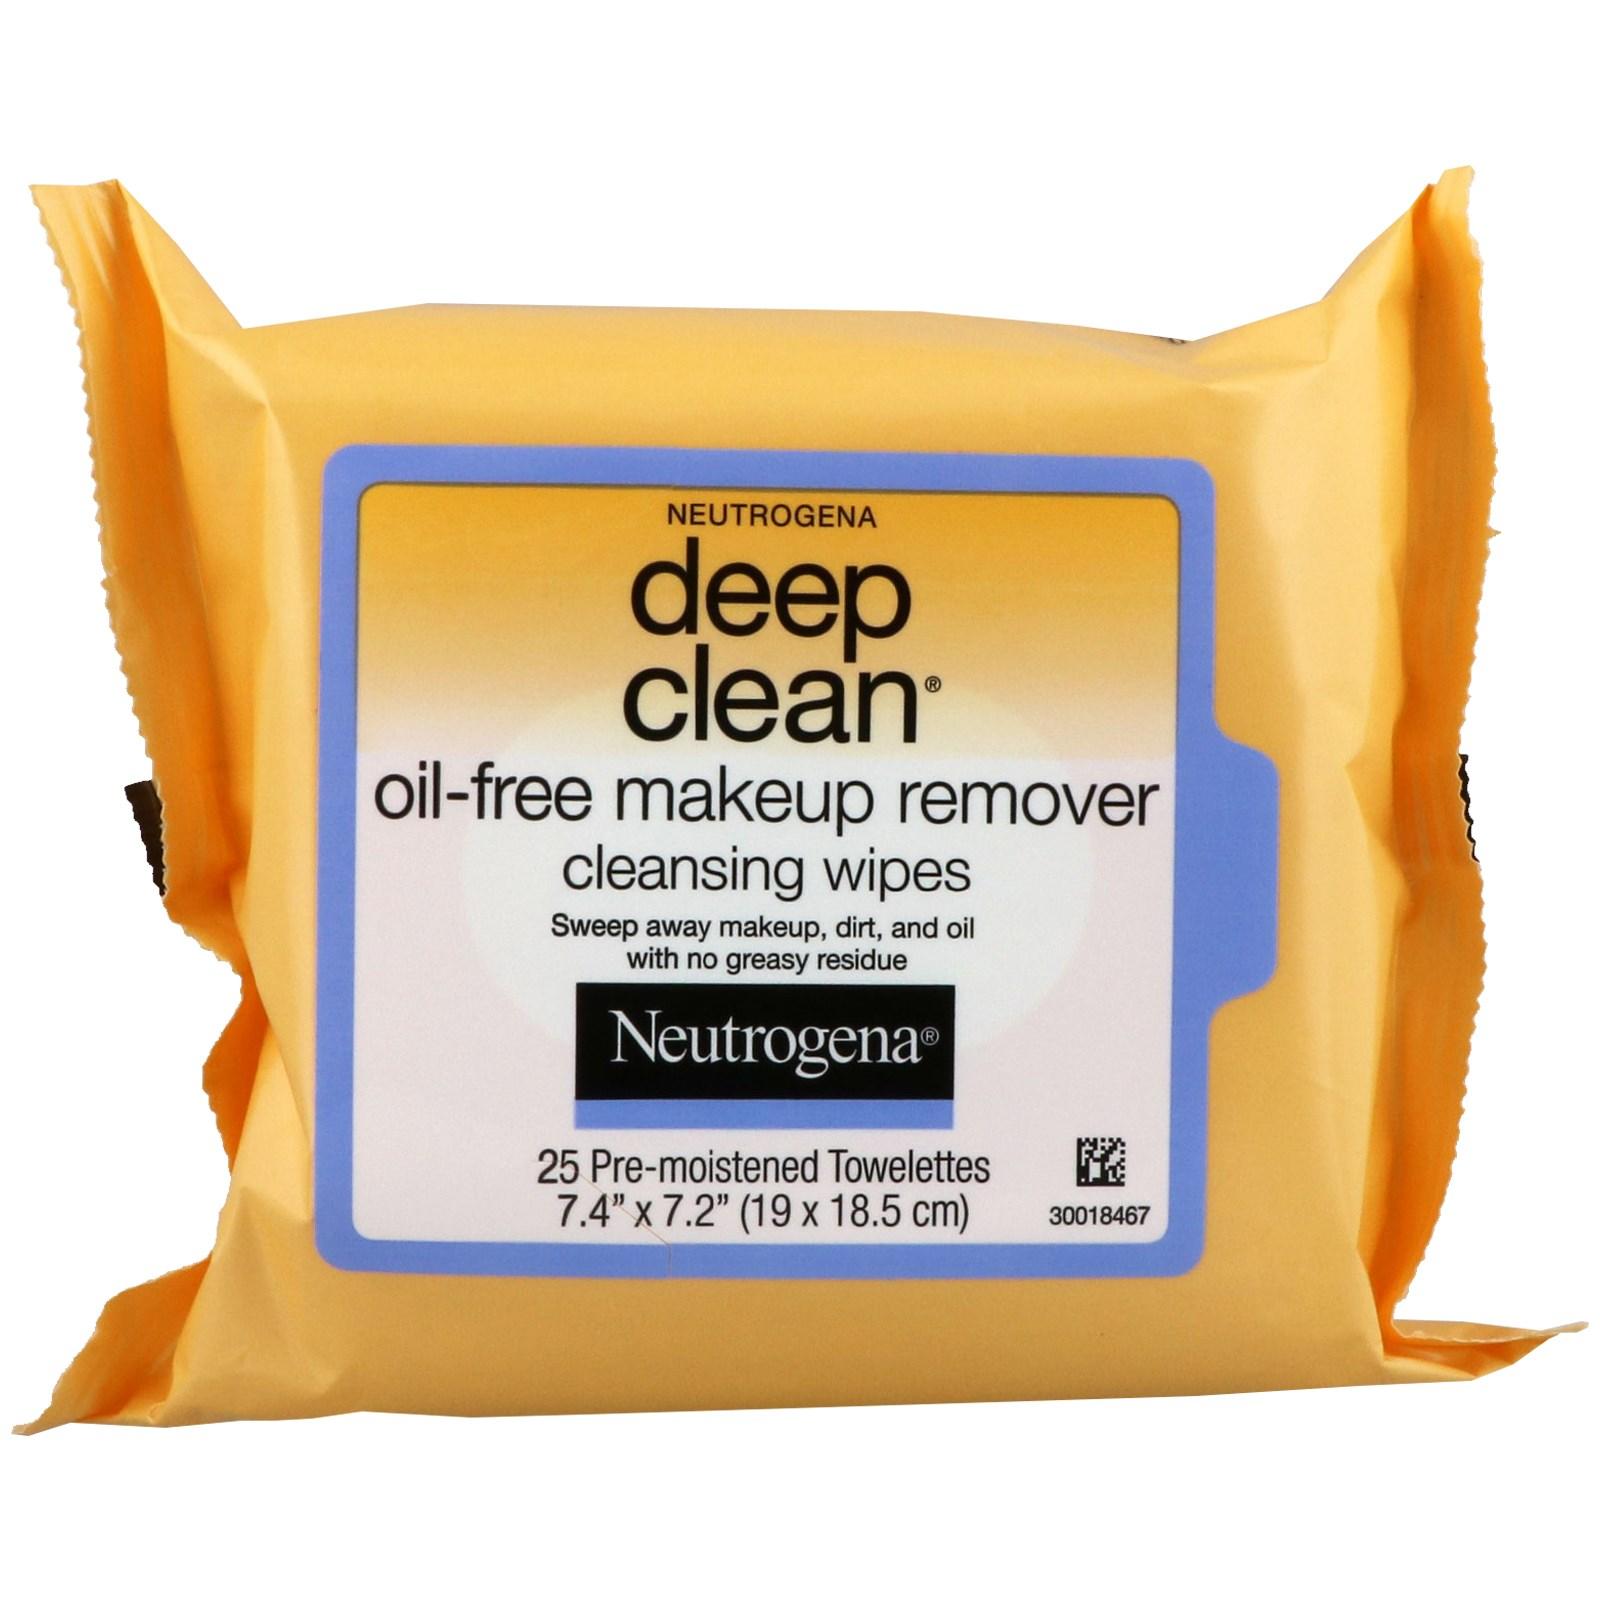 Neutrogena, Глубокое очищение, Очищающие салфетки без жира для снятия макияж, 25 салфеток